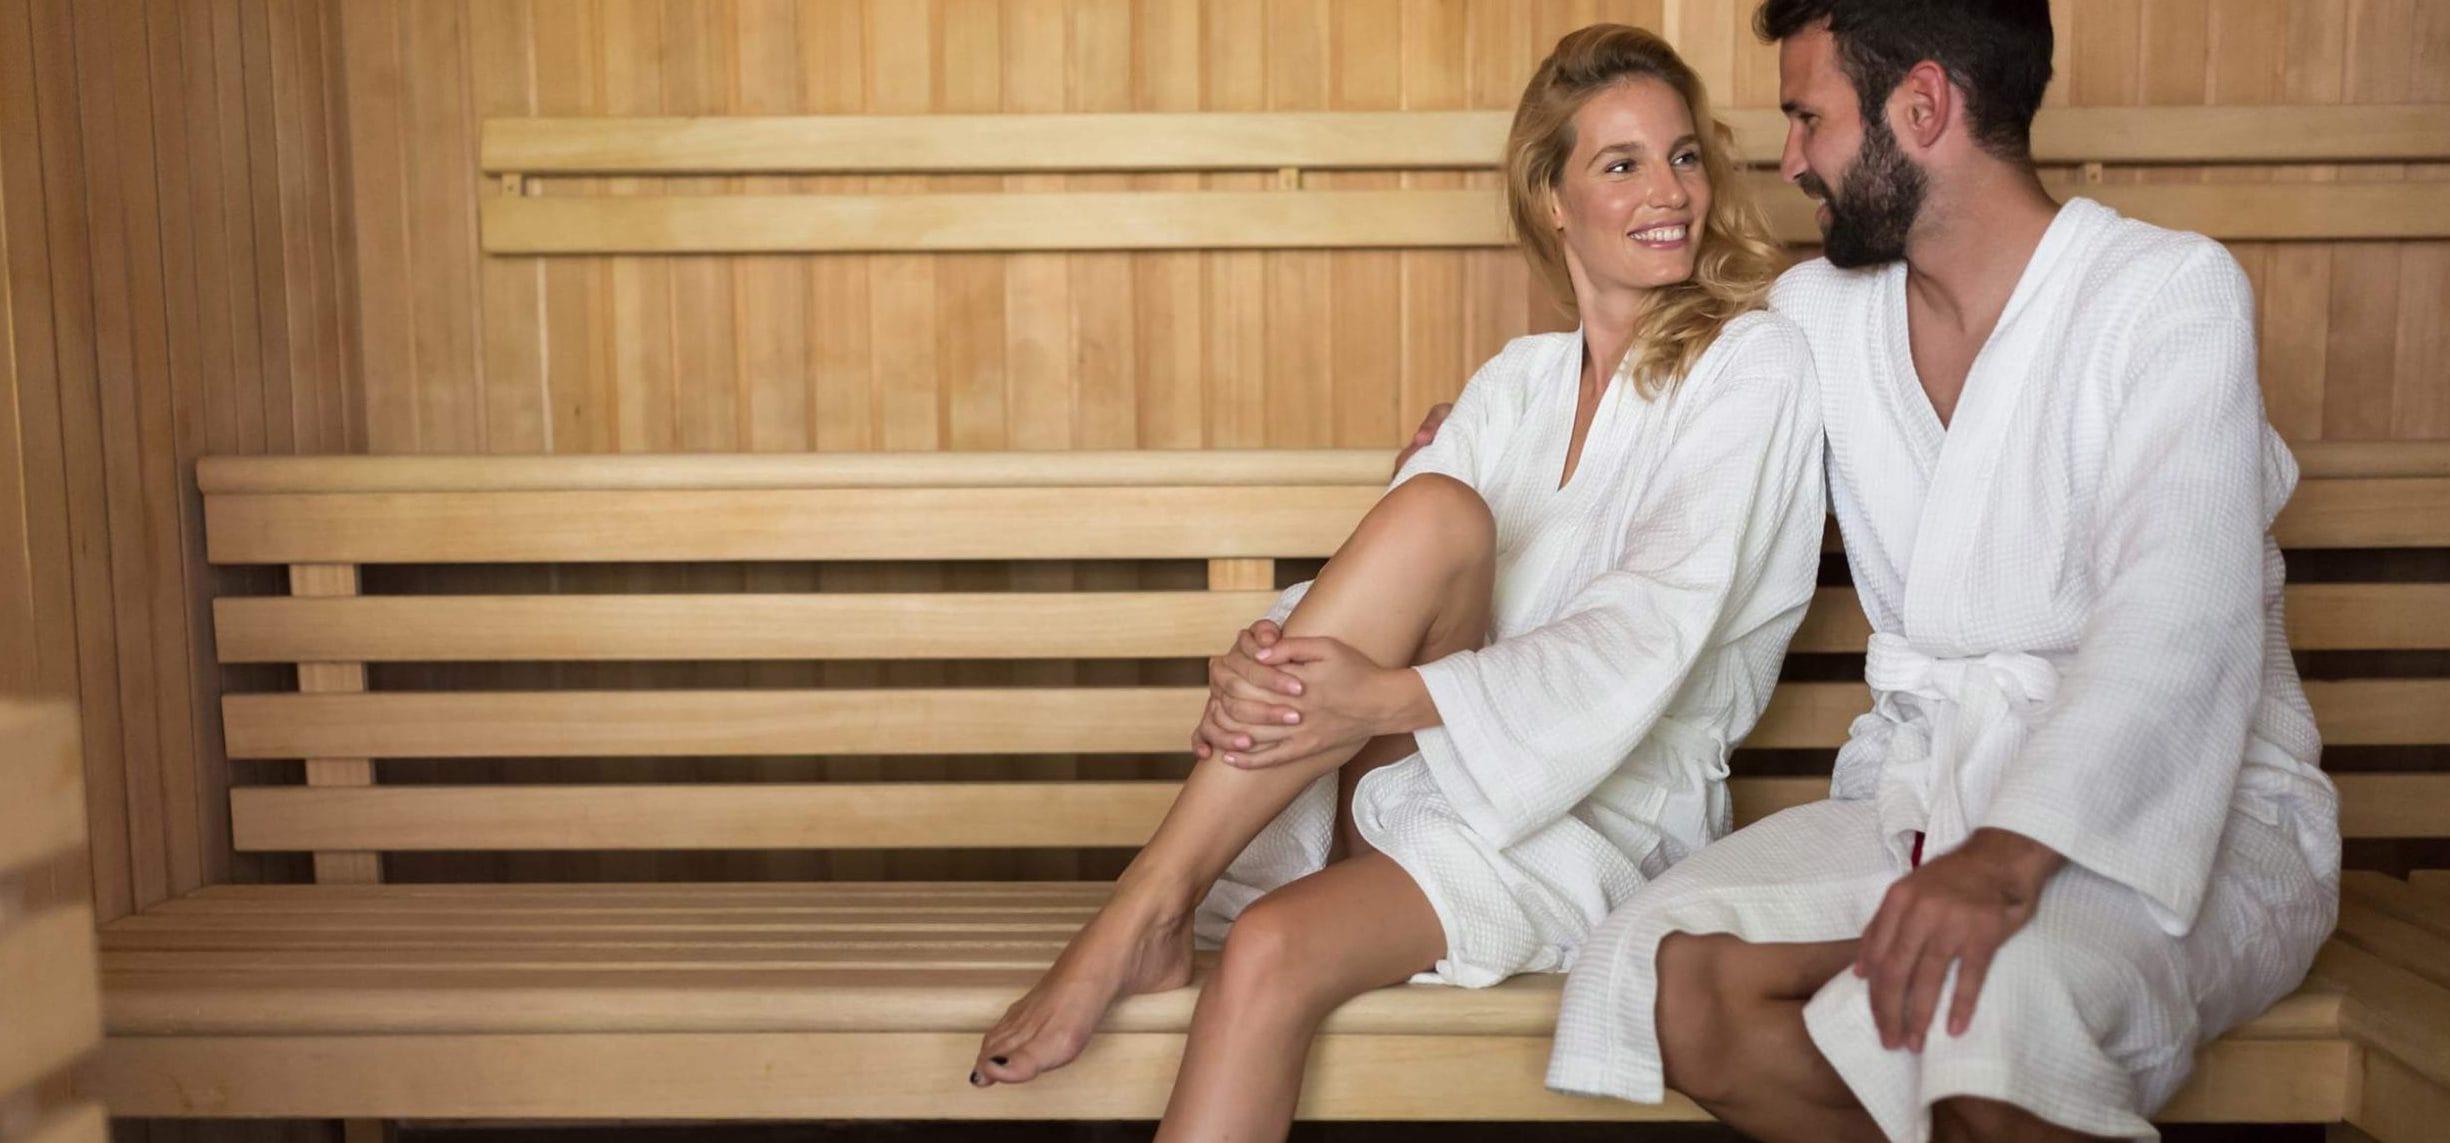 Pärchen beim Sauna-Besuch